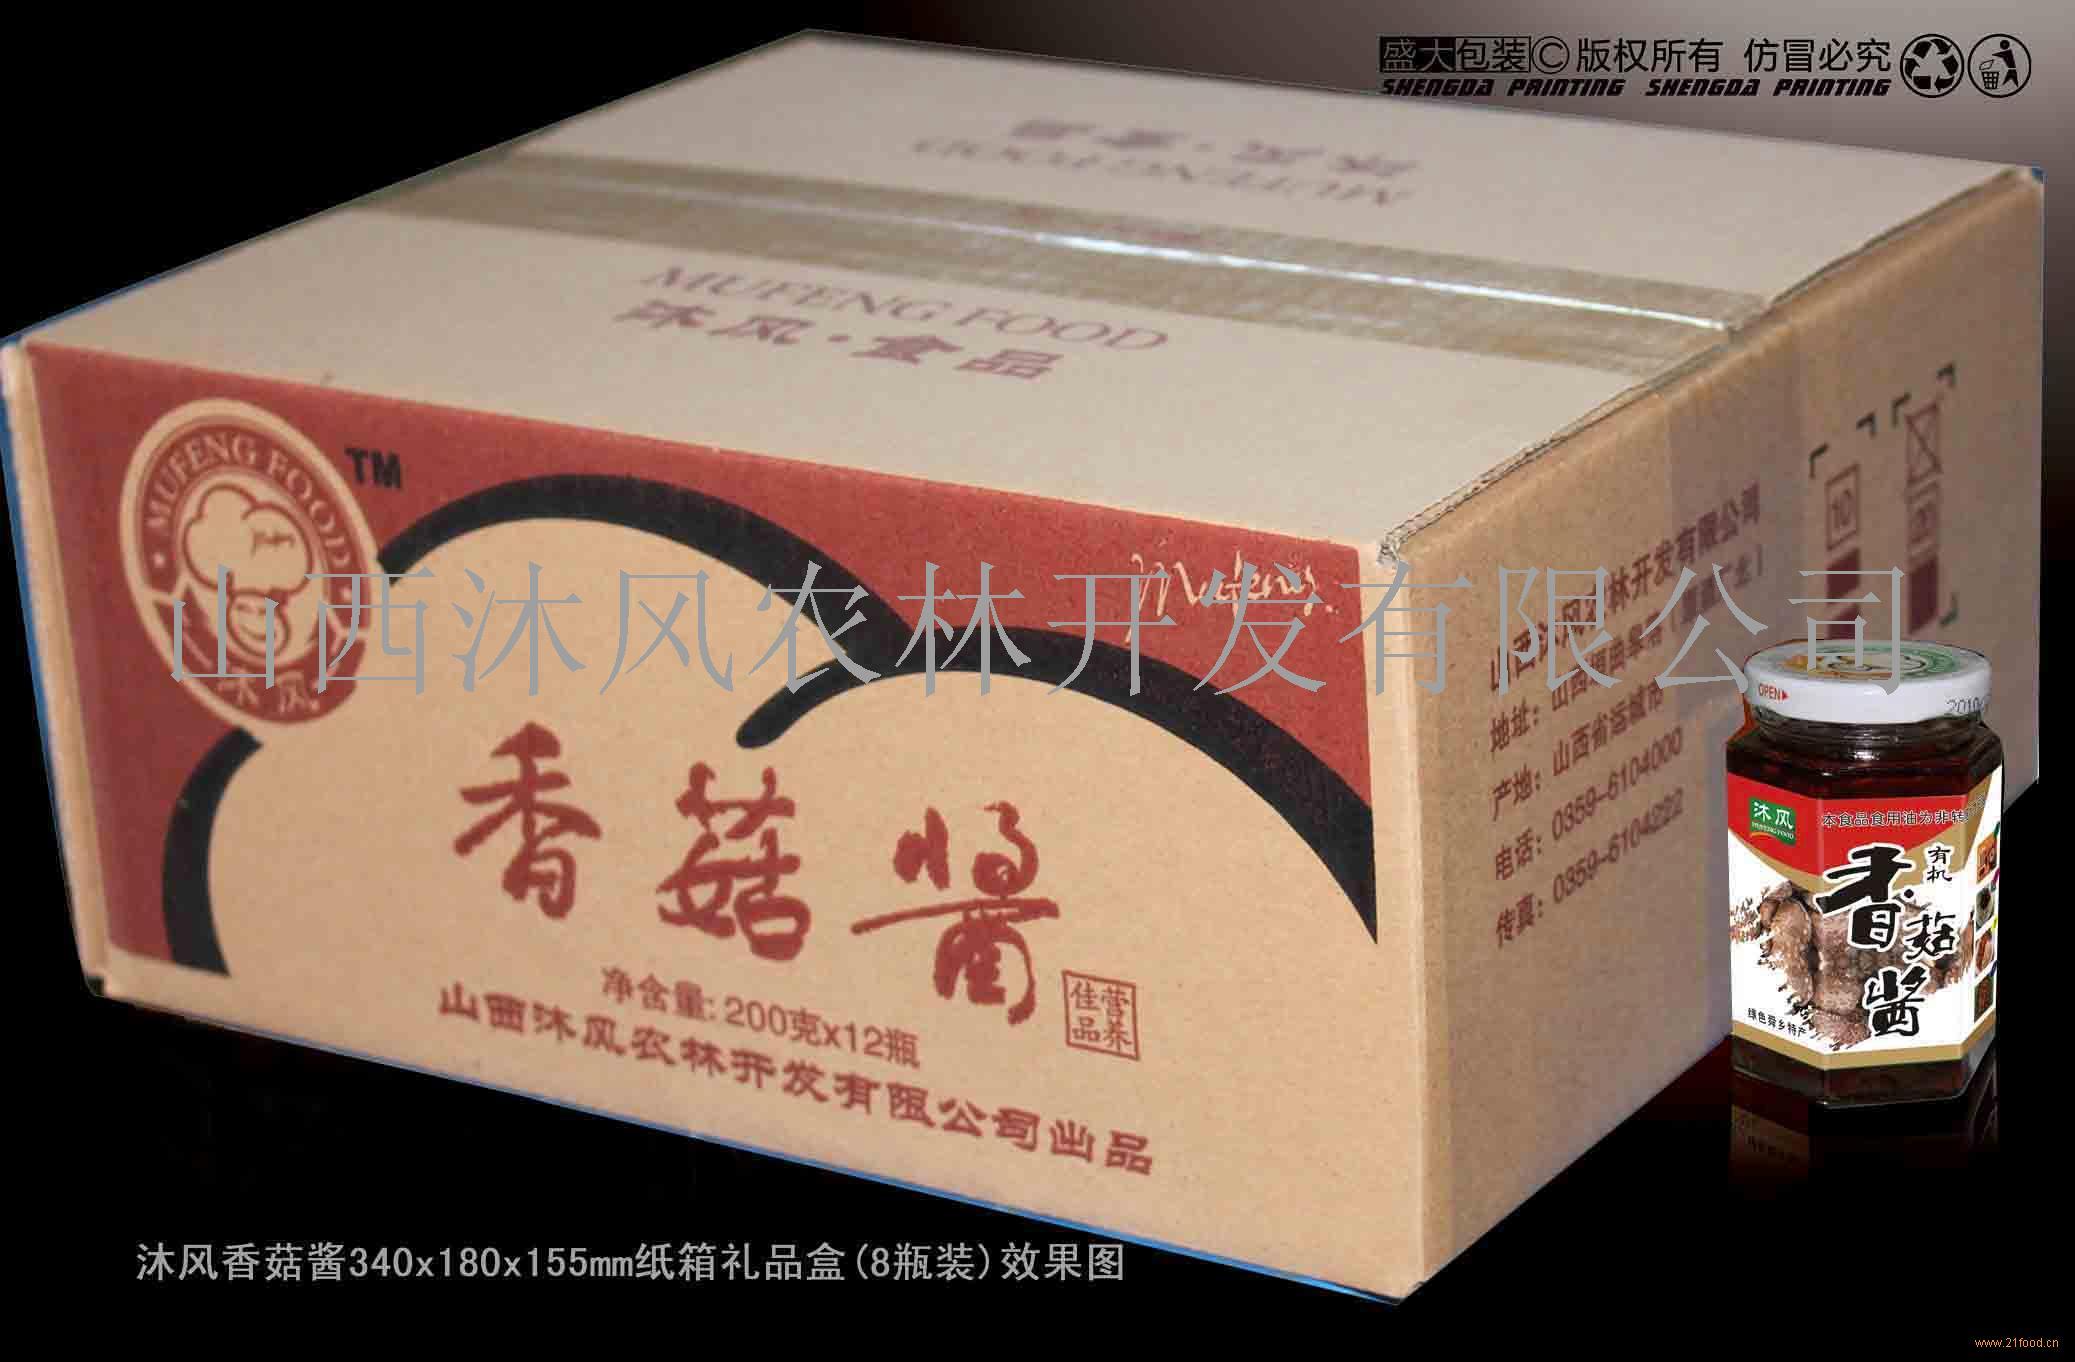 沐风香菇颗粒酱(普箱)